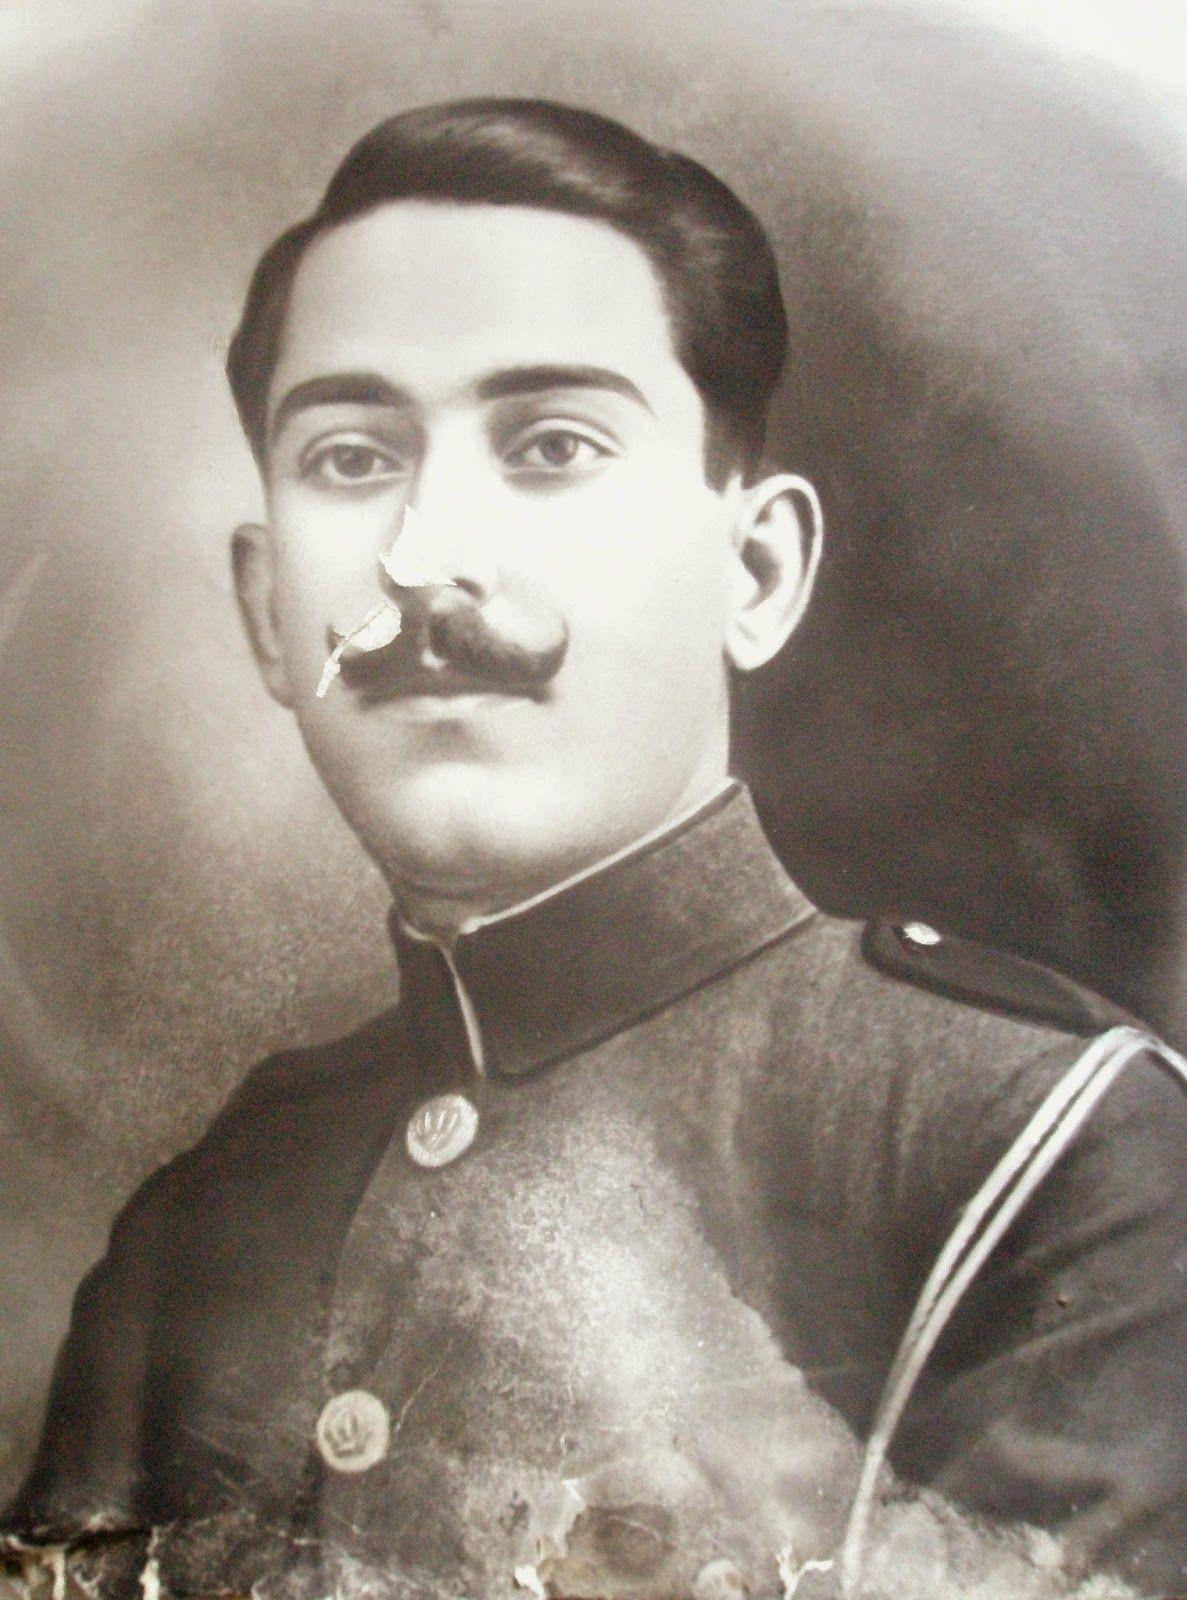 MOXOΣ....ΓΙΑΚΟΥΜΑΚΗΣ Βασίλης…αδερφός του Γιακουμάκη Μανώλη..[ που εκτελέστηκε απο τους Γερμανούς..]….Χωροφύλακας και αργότερα Πρόεδρος της Κοινότητας Μοχού